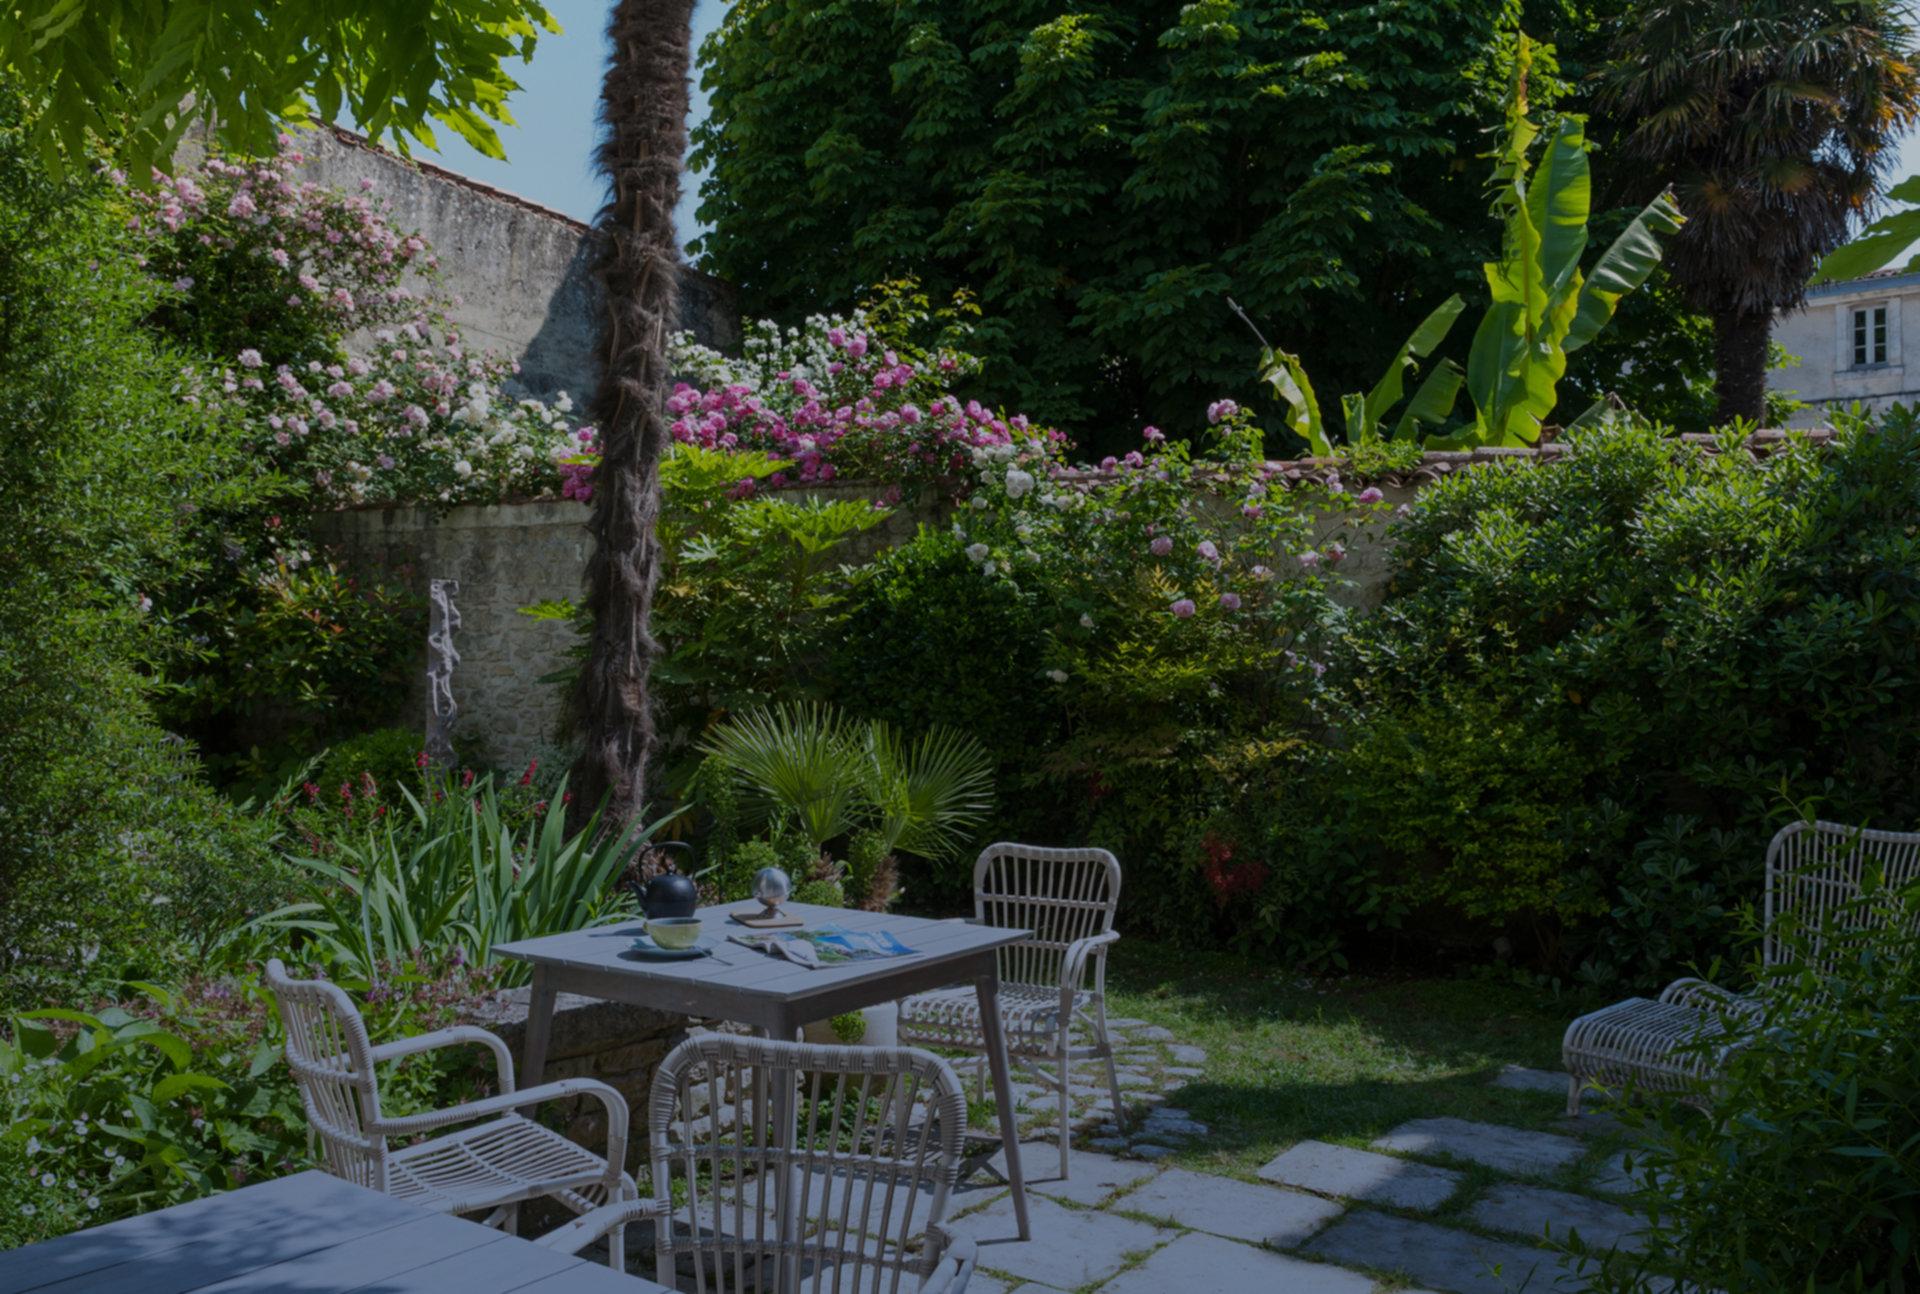 A bench in a garden at Eden Ouest .